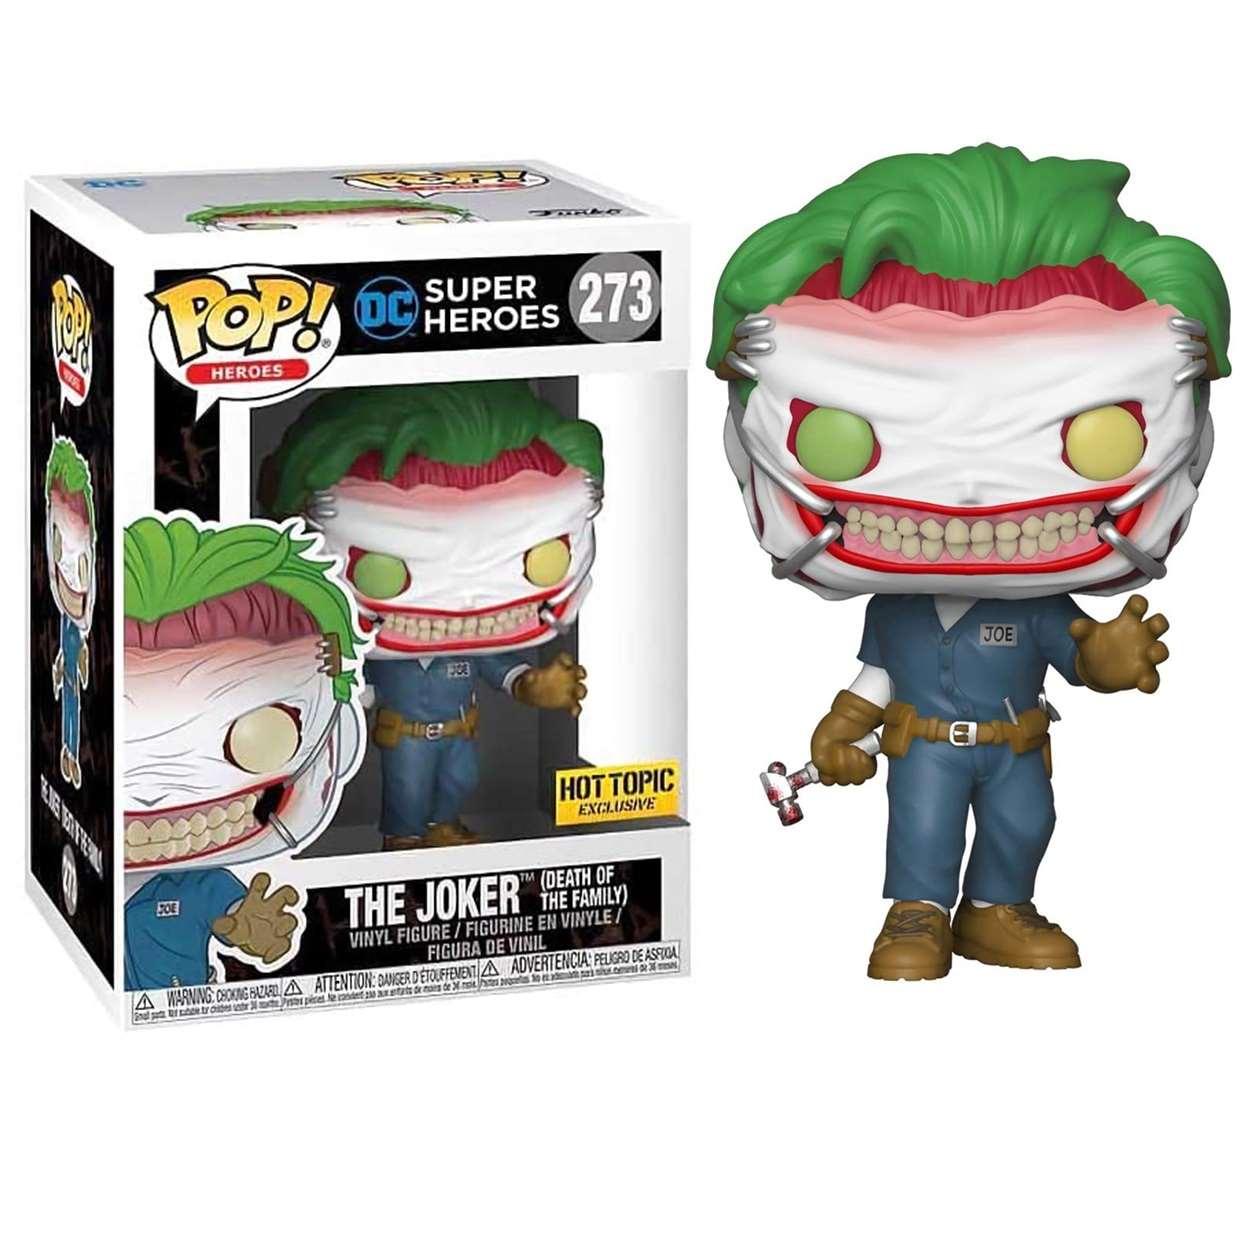 The Joker #273 Super Heroes Funko Pop! Exclusivo Hot Topic